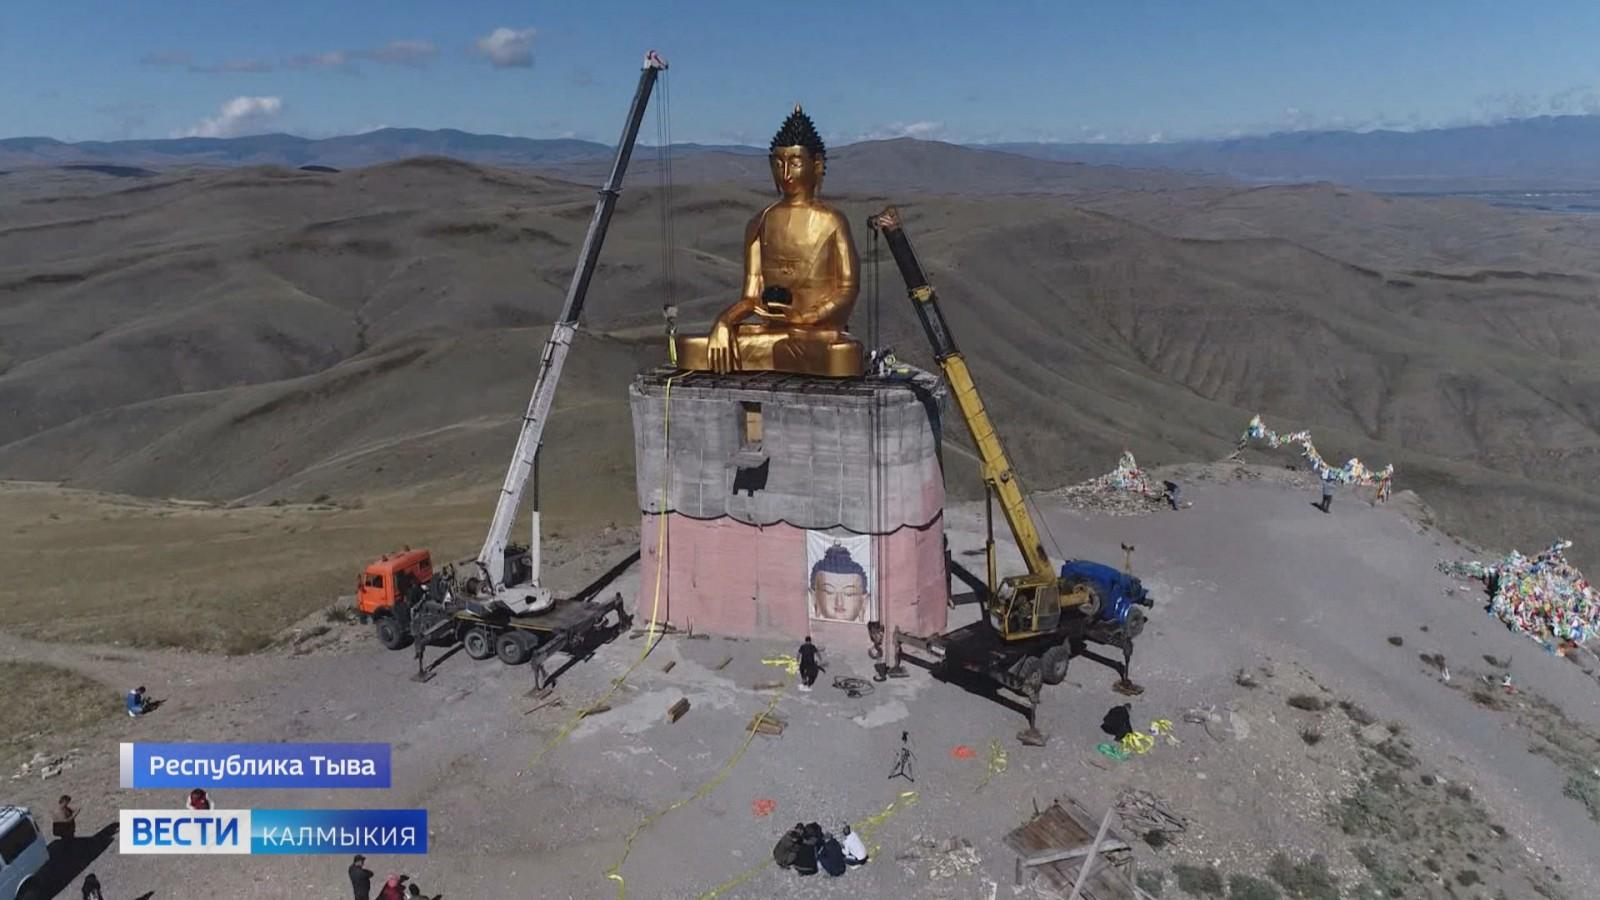 В Республике Тыва установили девятиметровую статую Будды Шакьямуни